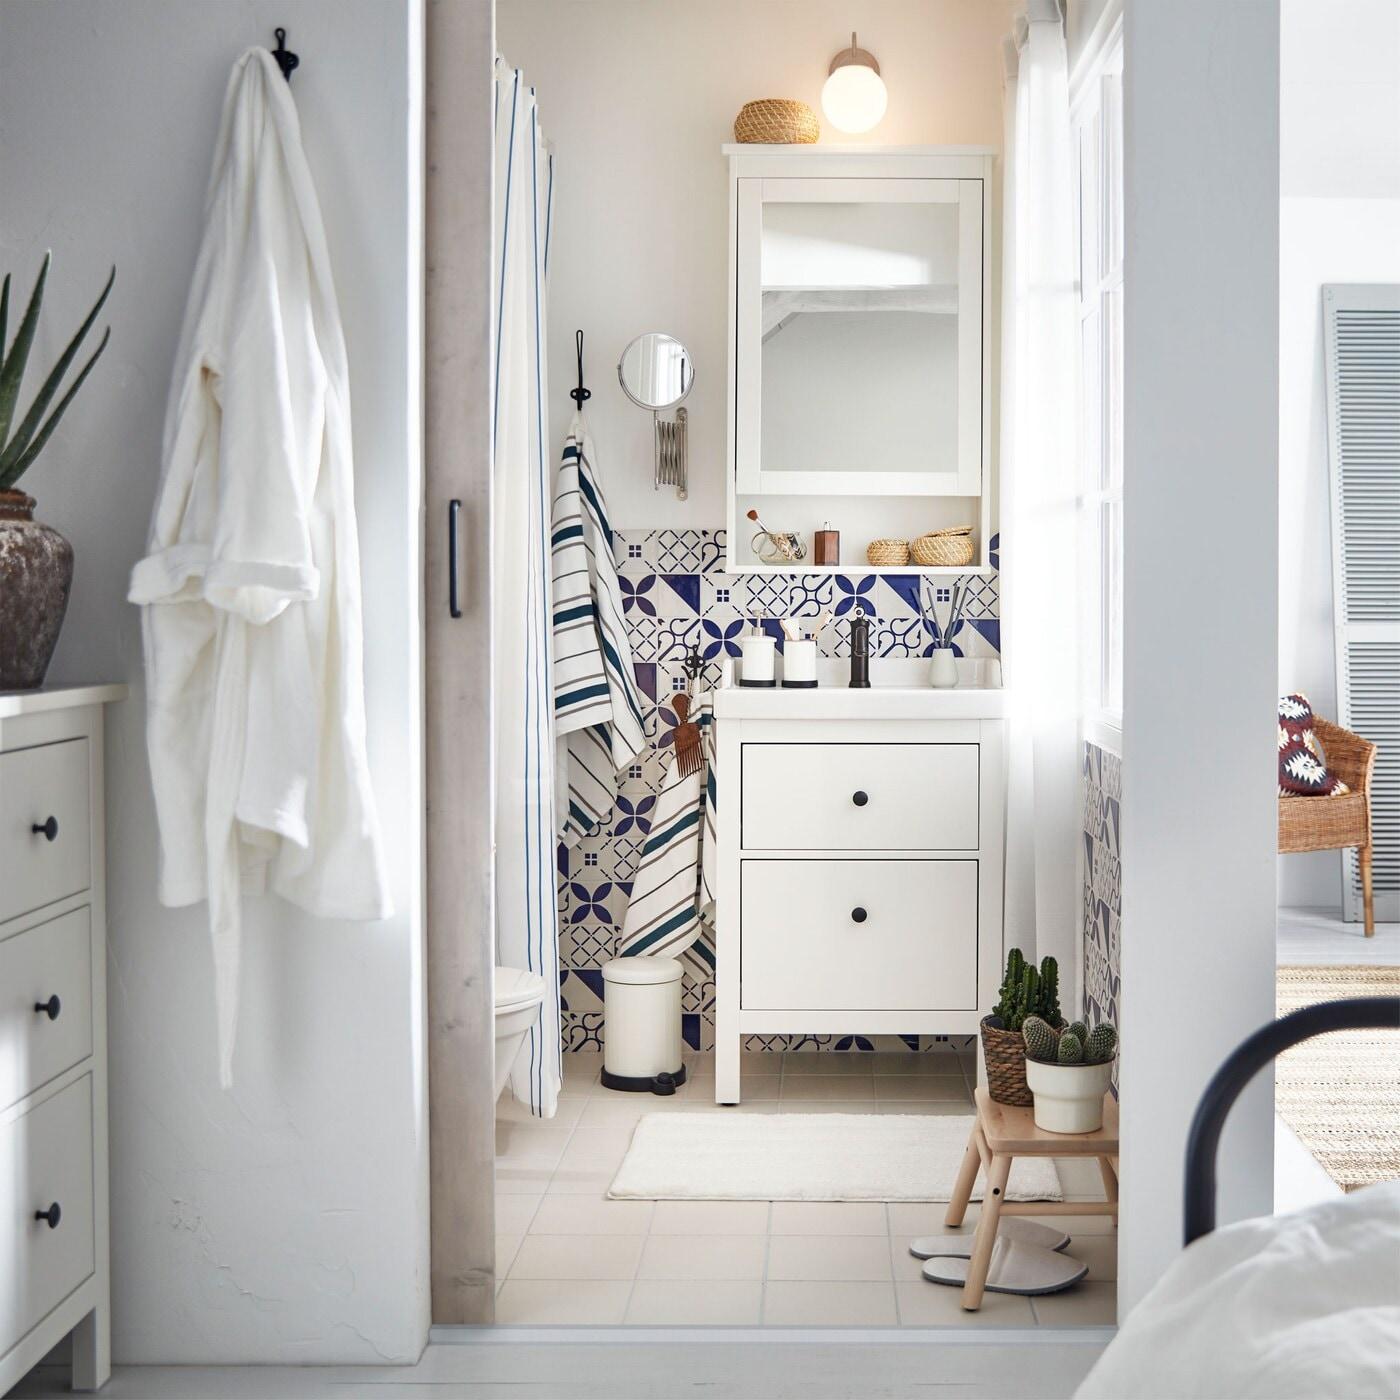 Ein Schönes Bad, Das Wunderbar Zum Rest Deines Zuhauses Passt